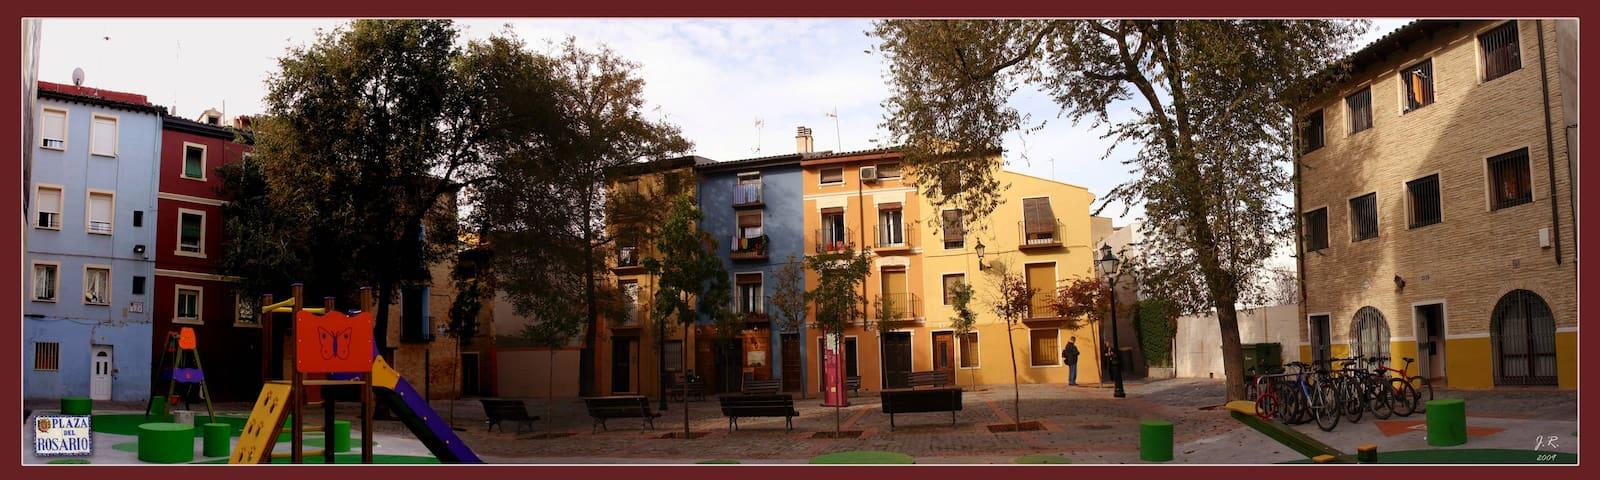 Casa centrica del siglo XVII - Zaragoza - Casa